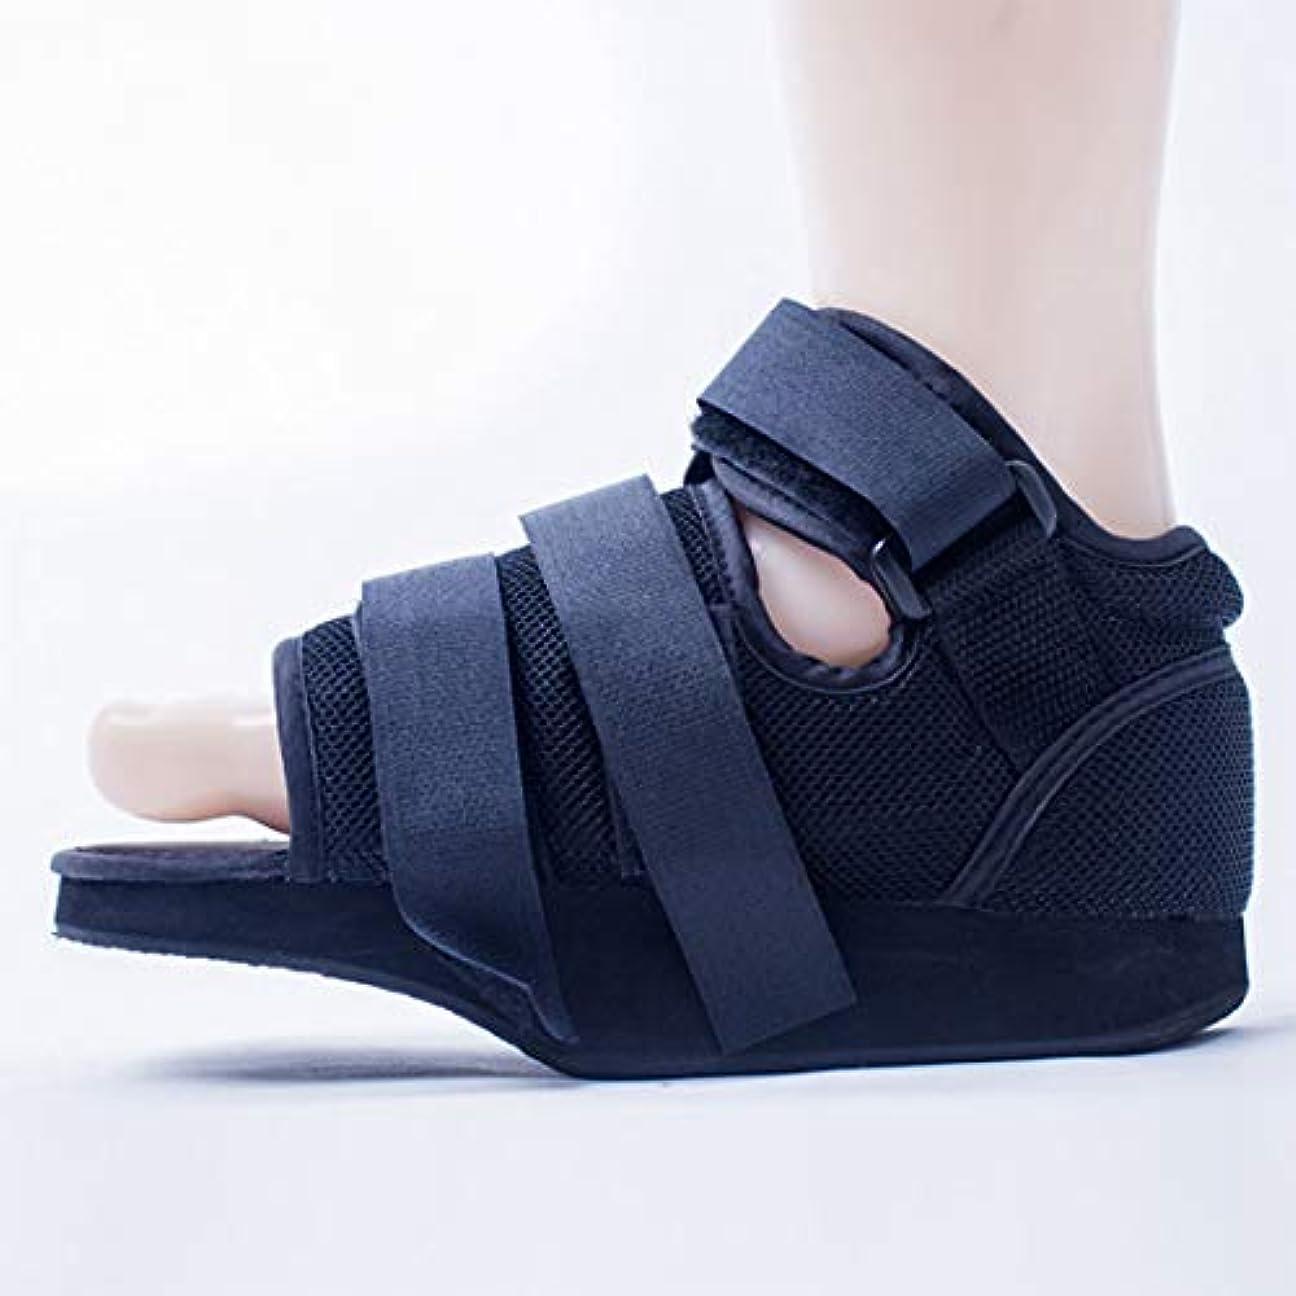 雄大なむき出し同行する医療足骨折石膏の回復靴の手術後のつま先の靴を安定化骨折の靴を調整可能なファスナーで完全なカバー,M25.5cm